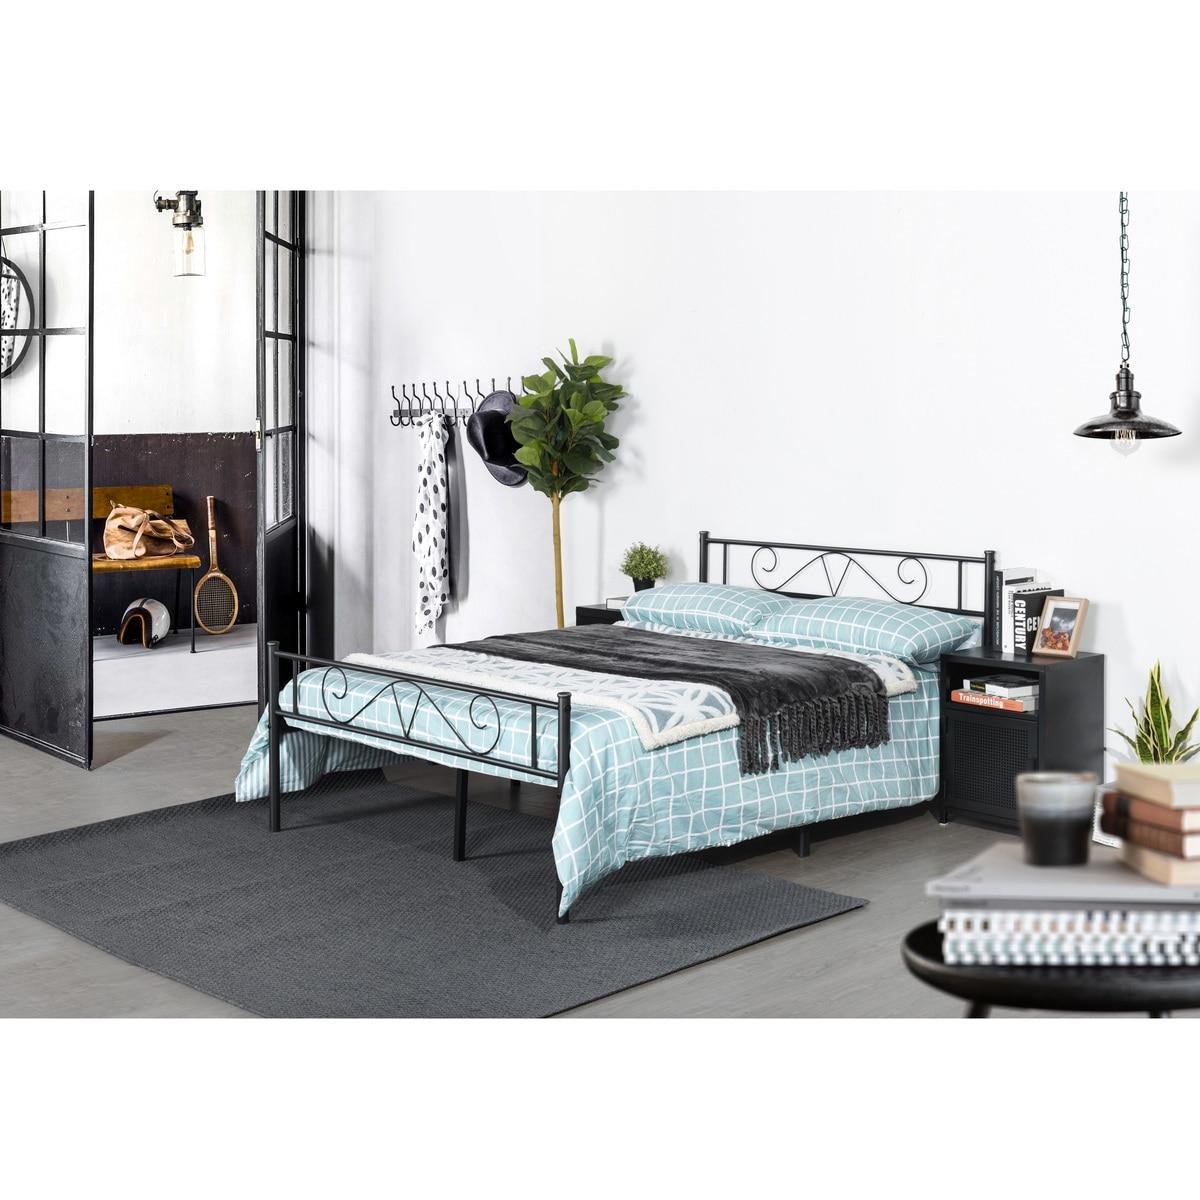 INS-Apartamento de estilo nórdico mediano y pequeño, dormitorio, sala de estar, mobiliario...